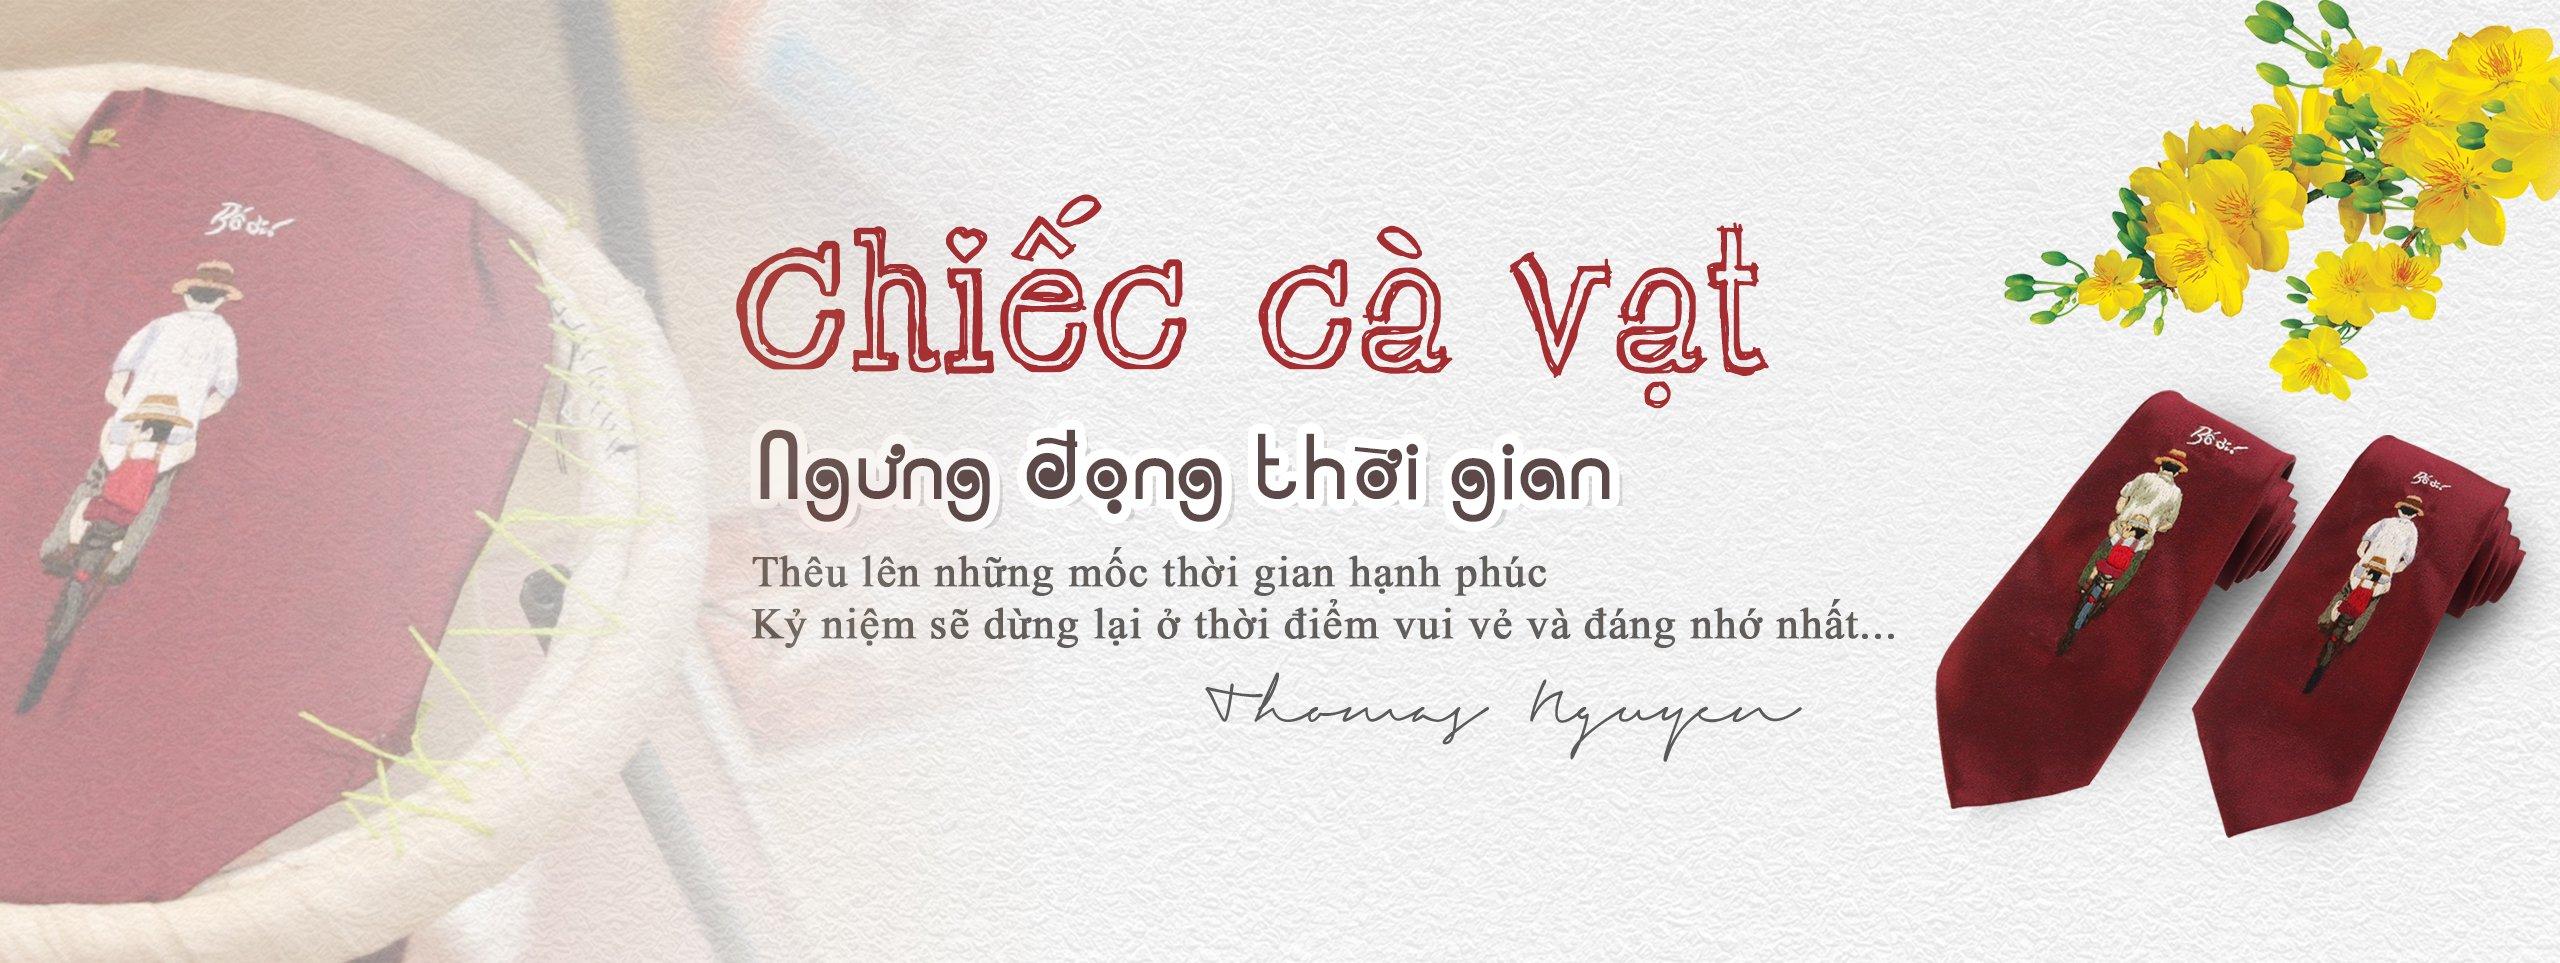 Cà vạt thêu tay Thomas Nguyen